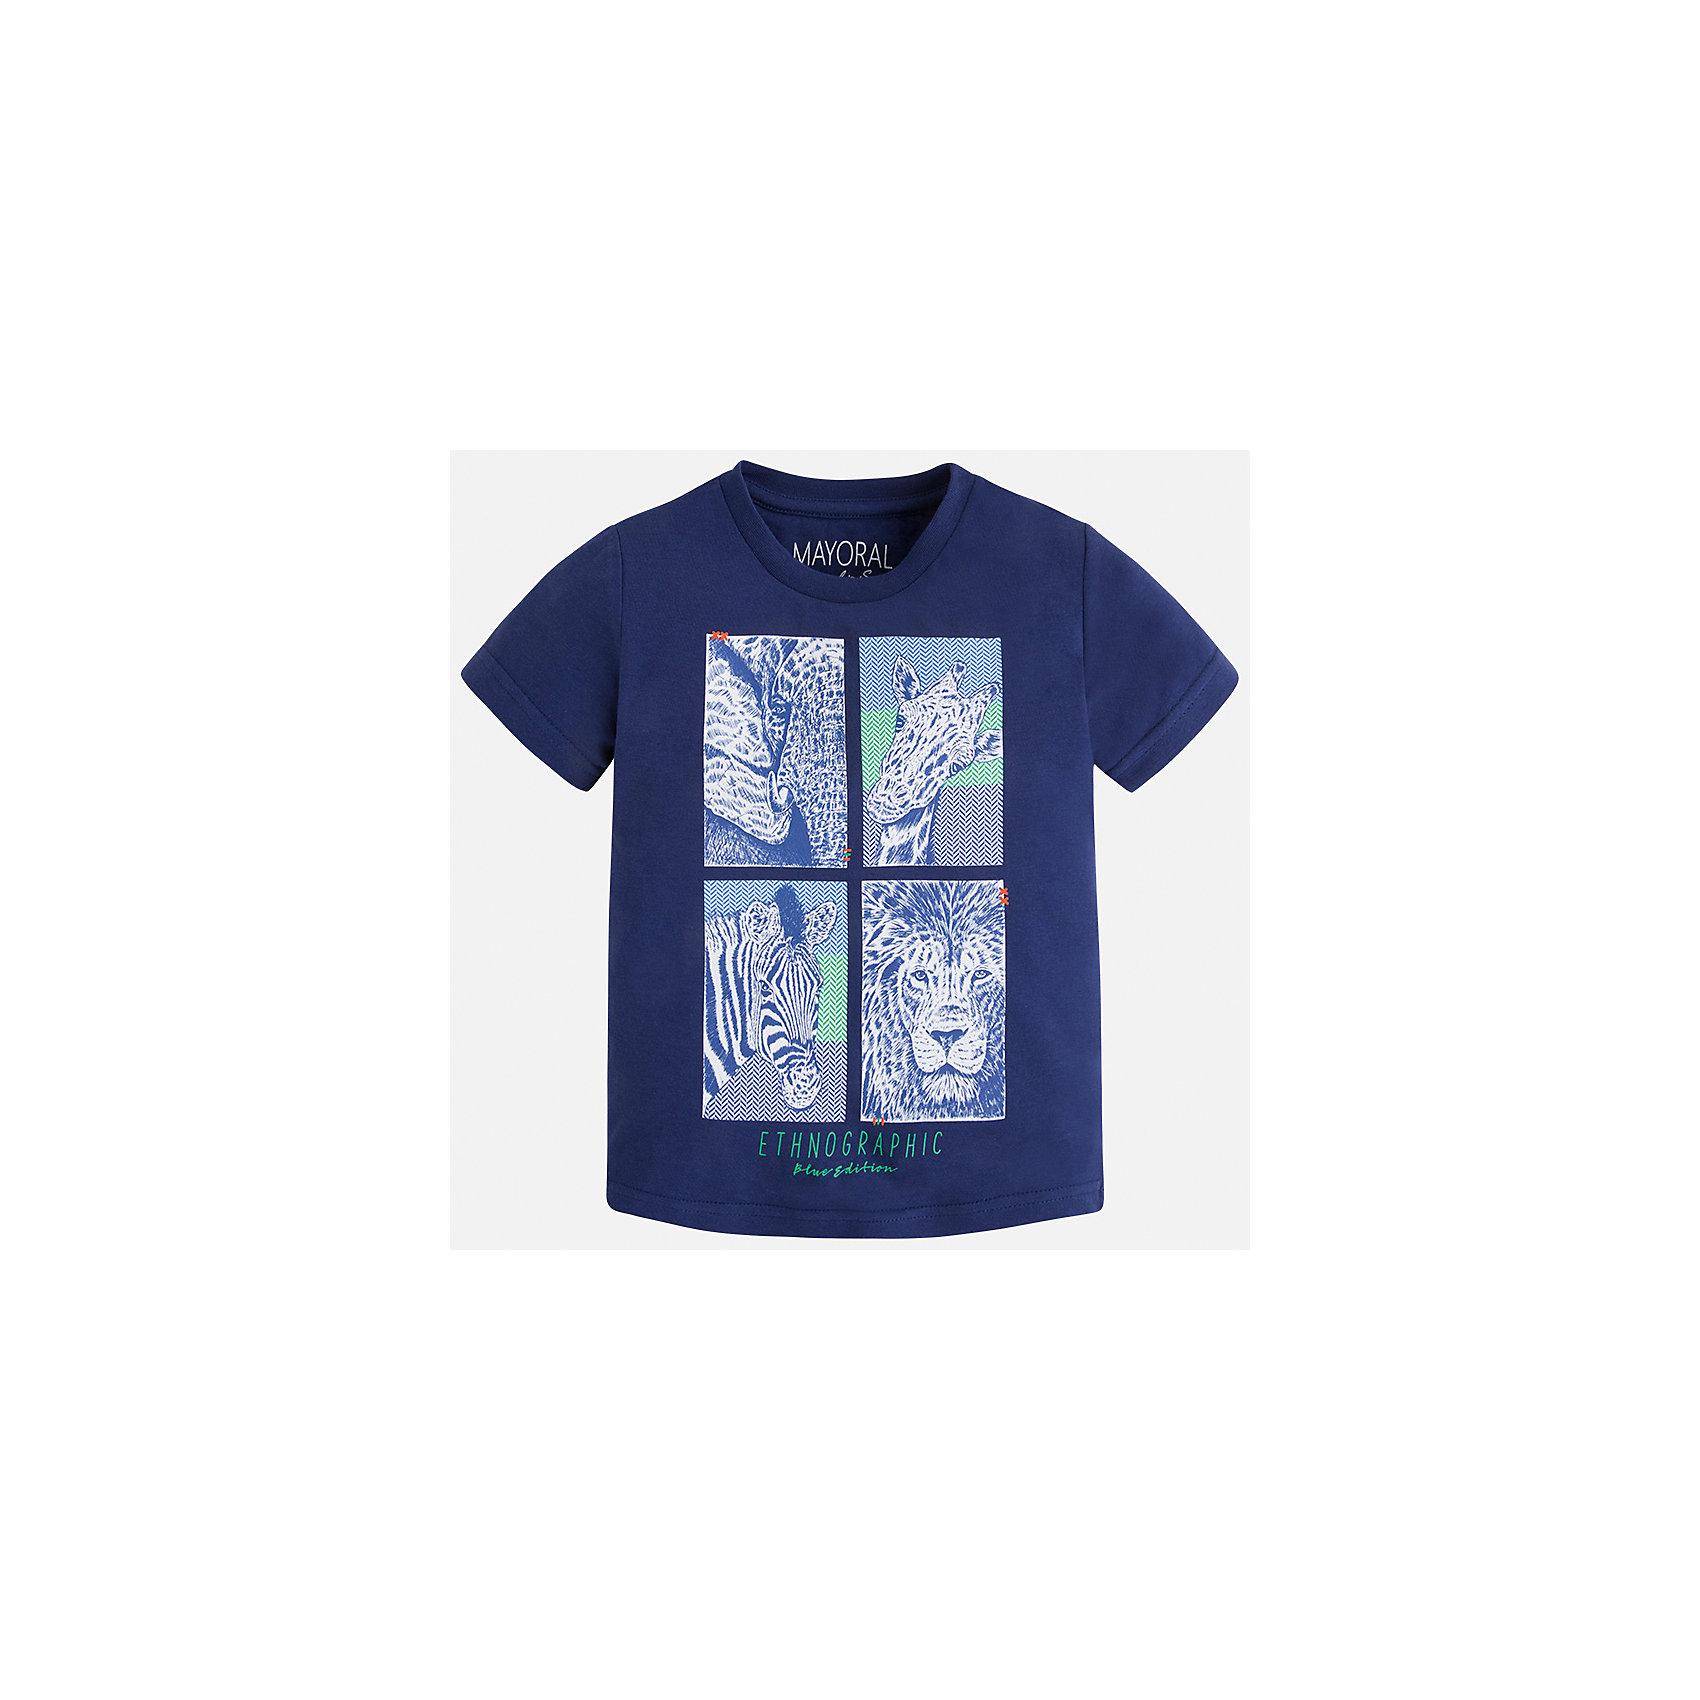 Футболка для мальчика MayoralФутболки, поло и топы<br>Характеристики товара:<br><br>• цвет: синий<br>• состав: 100% хлопок<br>• круглый горловой вырез<br>• декорирована принтом<br>• короткие рукава<br>• отделка горловины<br>• страна бренда: Испания<br><br>Модная удобная футболка с принтом поможет разнообразить гардероб мальчика. Она отлично сочетается с брюками, шортами, джинсами. Универсальный крой и цвет позволяет подобрать к вещи низ разных расцветок. Практичное и стильное изделие! Хорошо смотрится и комфортно сидит на детях. В составе материала - только натуральный хлопок, гипоаллергенный, приятный на ощупь, дышащий. <br><br>Одежда, обувь и аксессуары от испанского бренда Mayoral полюбились детям и взрослым по всему миру. Модели этой марки - стильные и удобные. Для их производства используются только безопасные, качественные материалы и фурнитура. Порадуйте ребенка модными и красивыми вещами от Mayoral! <br><br>Футболку для мальчика от испанского бренда Mayoral (Майорал) можно купить в нашем интернет-магазине.<br><br>Ширина мм: 199<br>Глубина мм: 10<br>Высота мм: 161<br>Вес г: 151<br>Цвет: синий<br>Возраст от месяцев: 24<br>Возраст до месяцев: 36<br>Пол: Мужской<br>Возраст: Детский<br>Размер: 98,104,92,122,134,128,116,110<br>SKU: 5279890